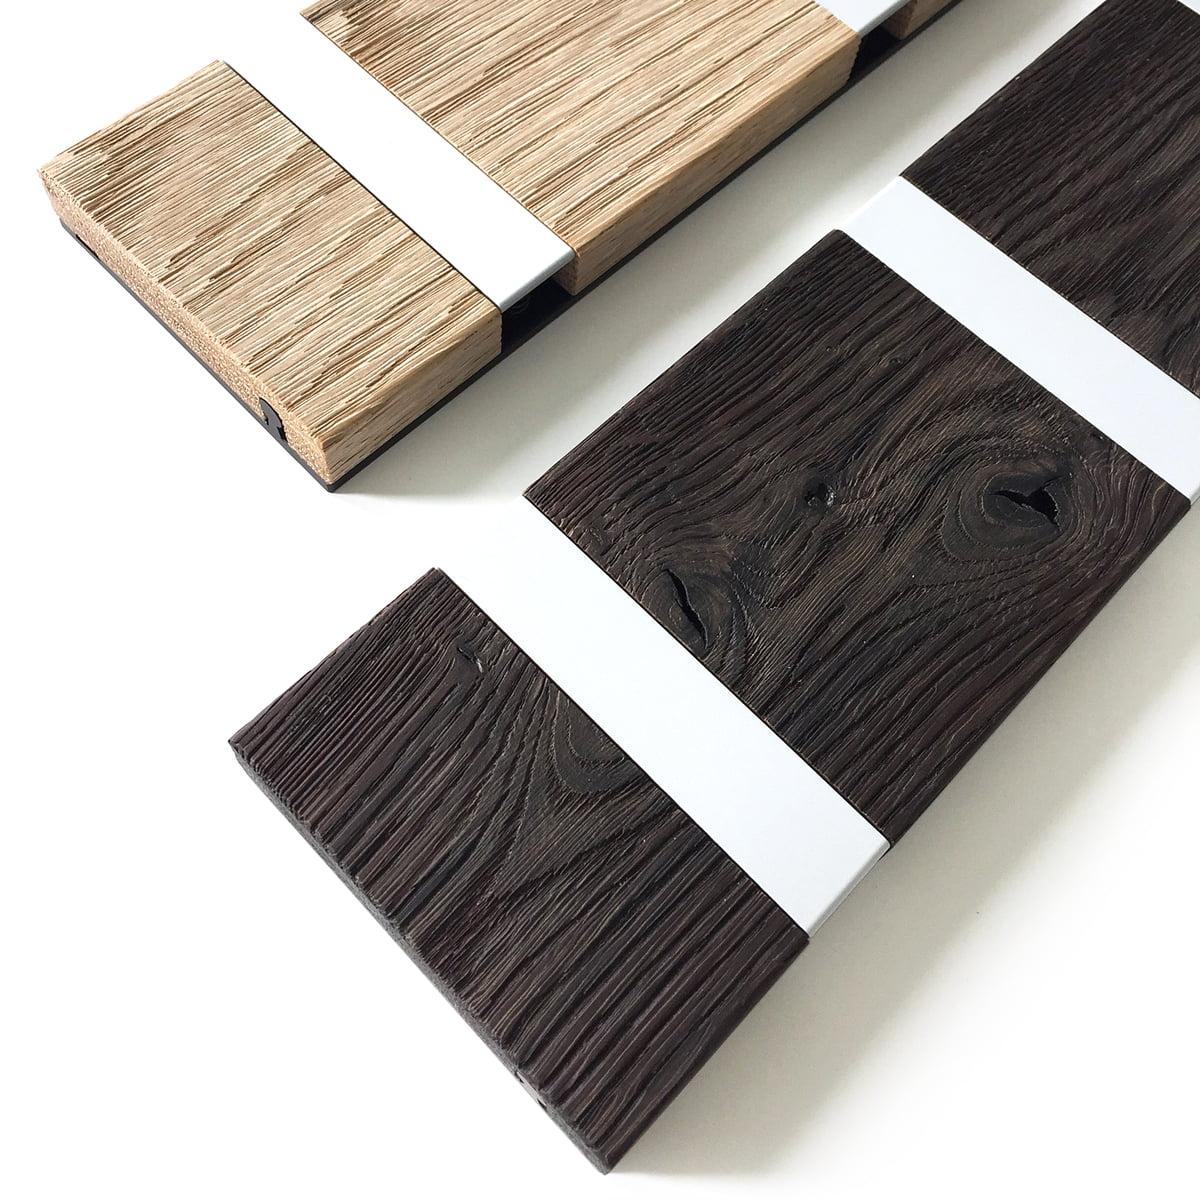 Knax rustique 6er garderobenleiste von loca for Einfache garderobenleiste